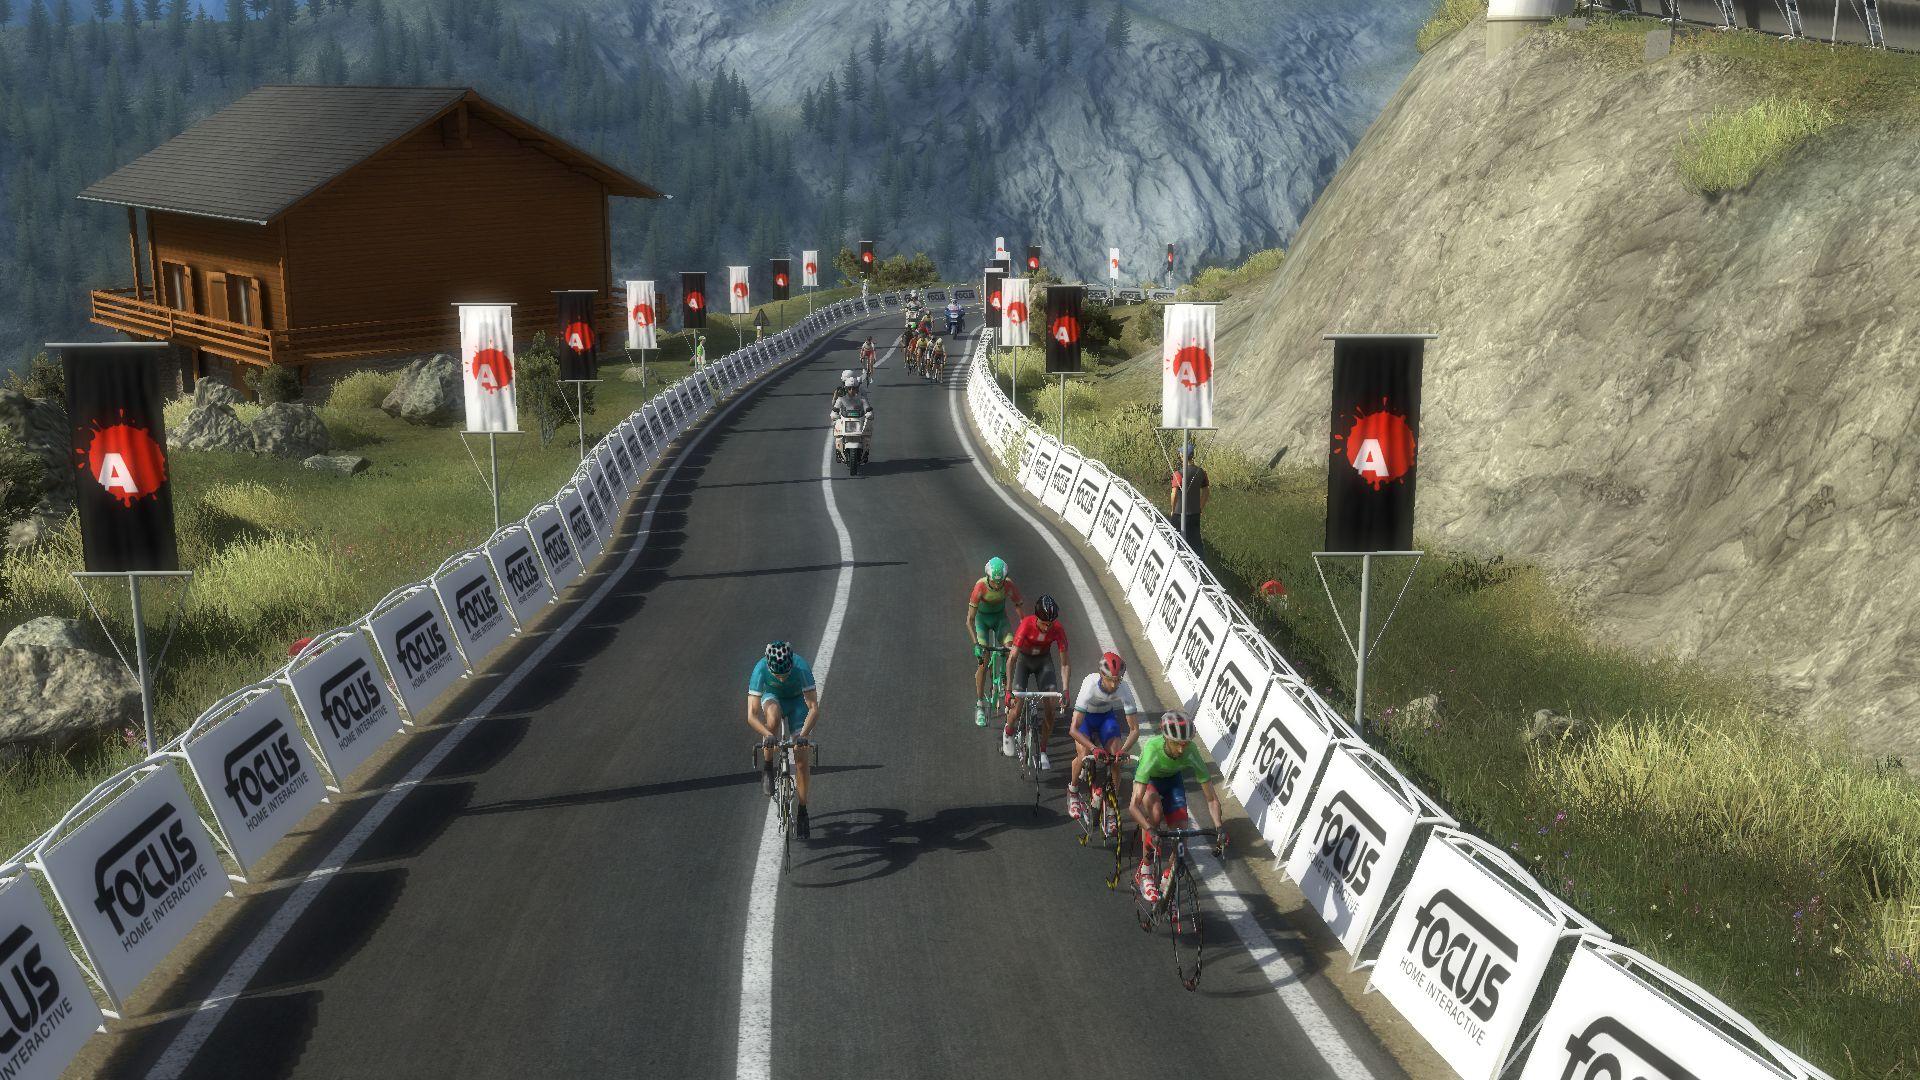 pcmdaily.com/images/mg/2020/Reports/C1/Andorra/TdAS5%2026.jpg